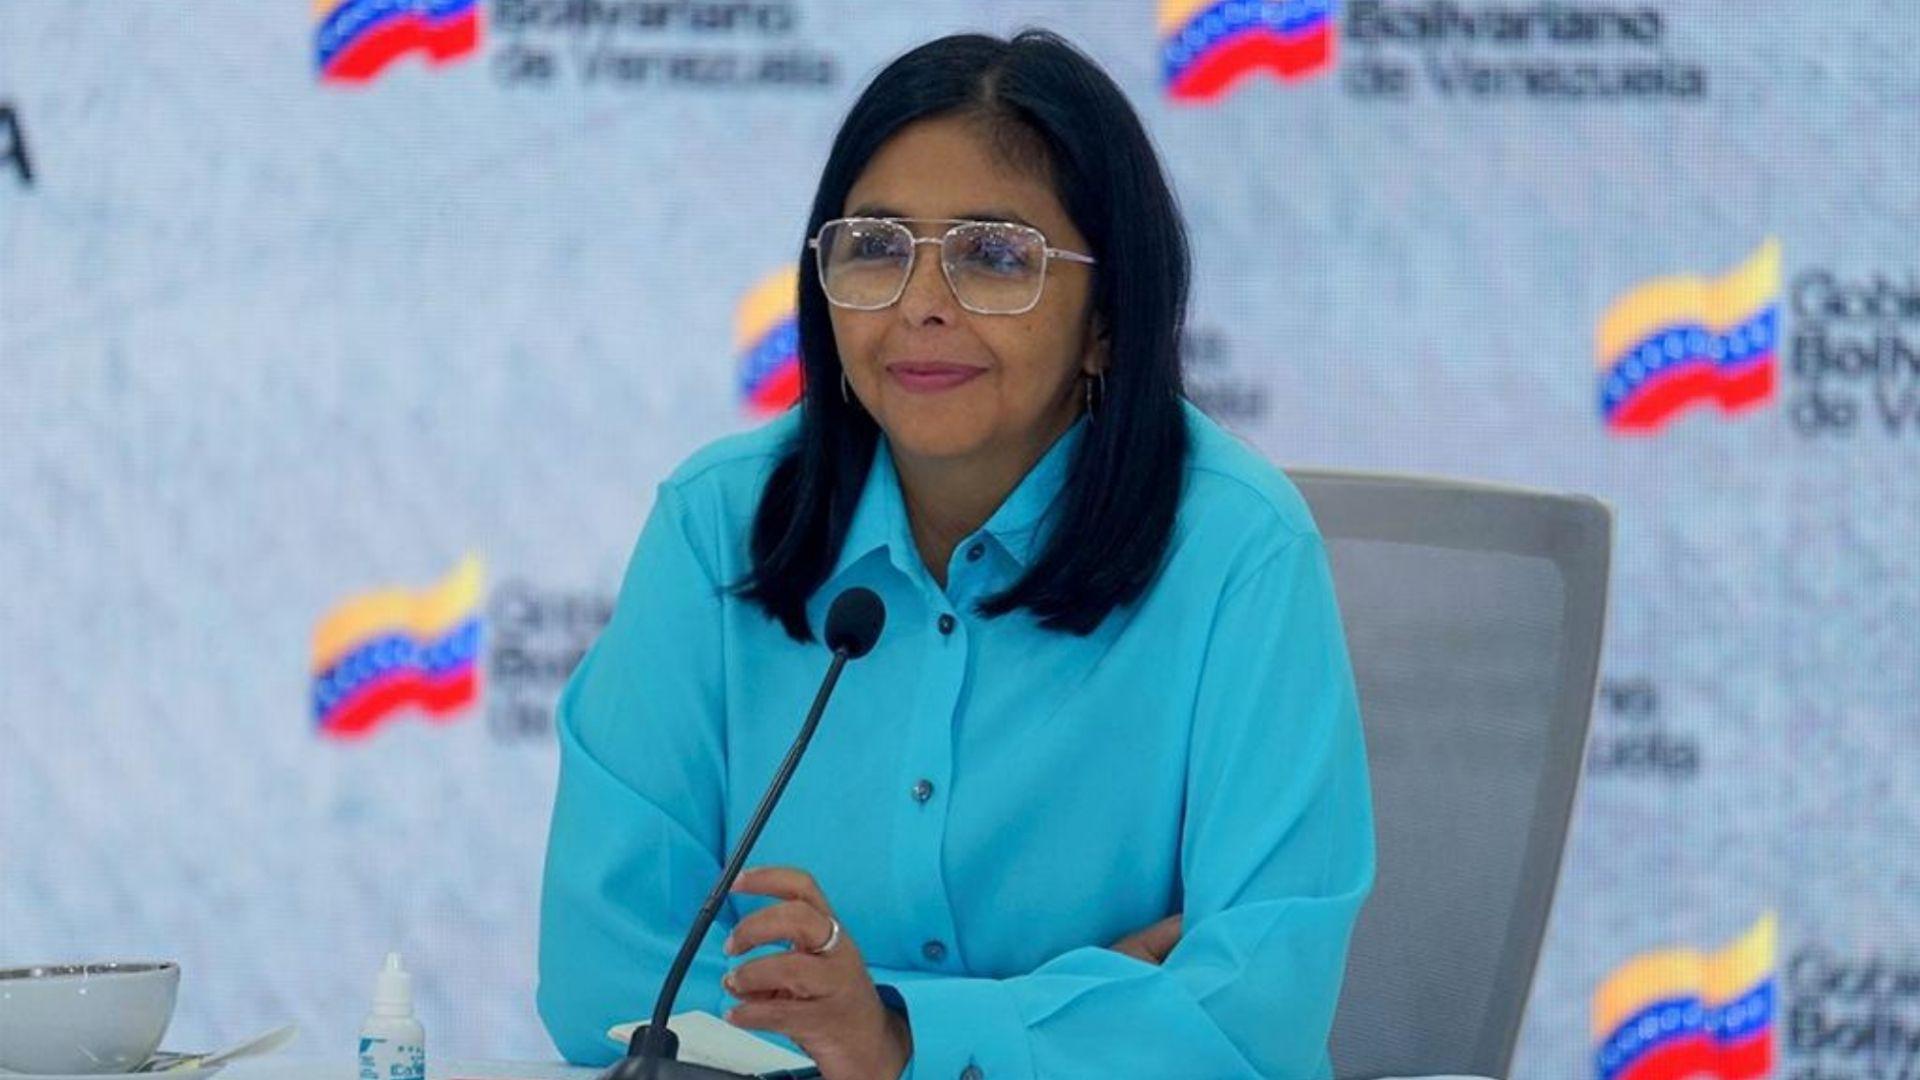 Gobierno de Maduro anuncia que Venezuela producirá la vacuna cubana anticovid Abdala